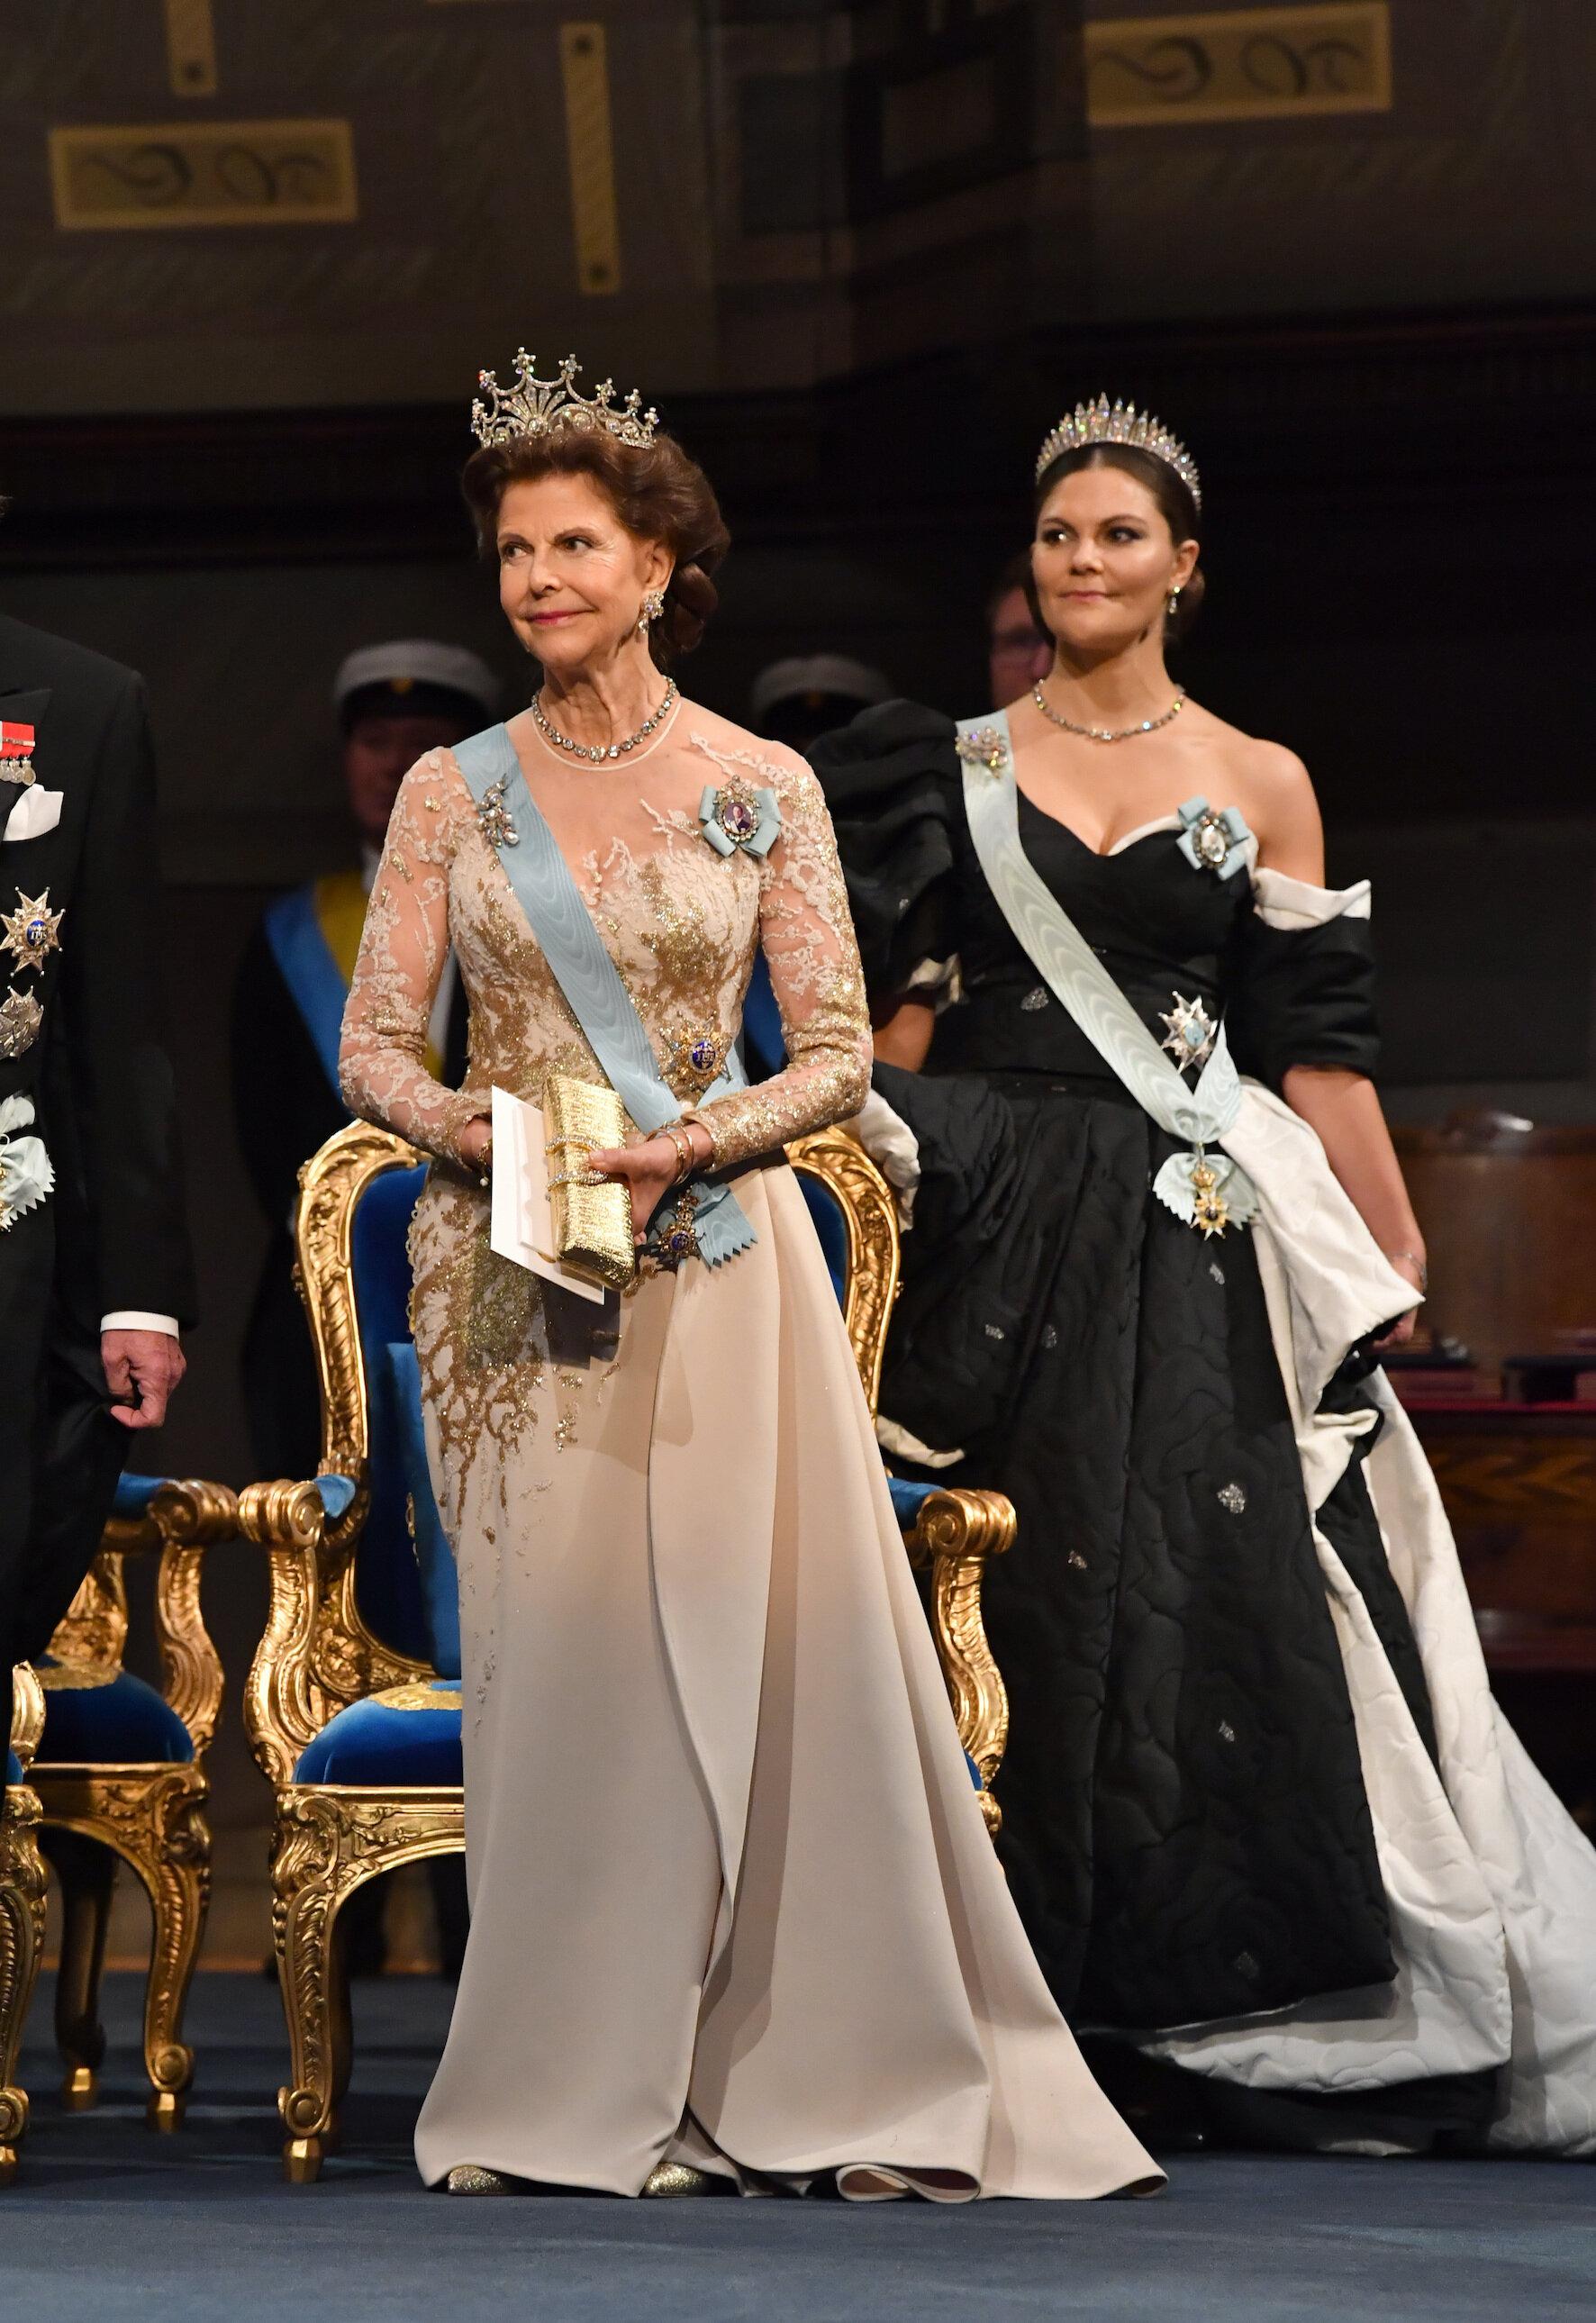 Königin Silvia holte für die Nobelpreis-Verleihung wieder ihr Kleid von Elie Saab aus dem Schrank.  © picture alliance/TT NEWS AGENCY